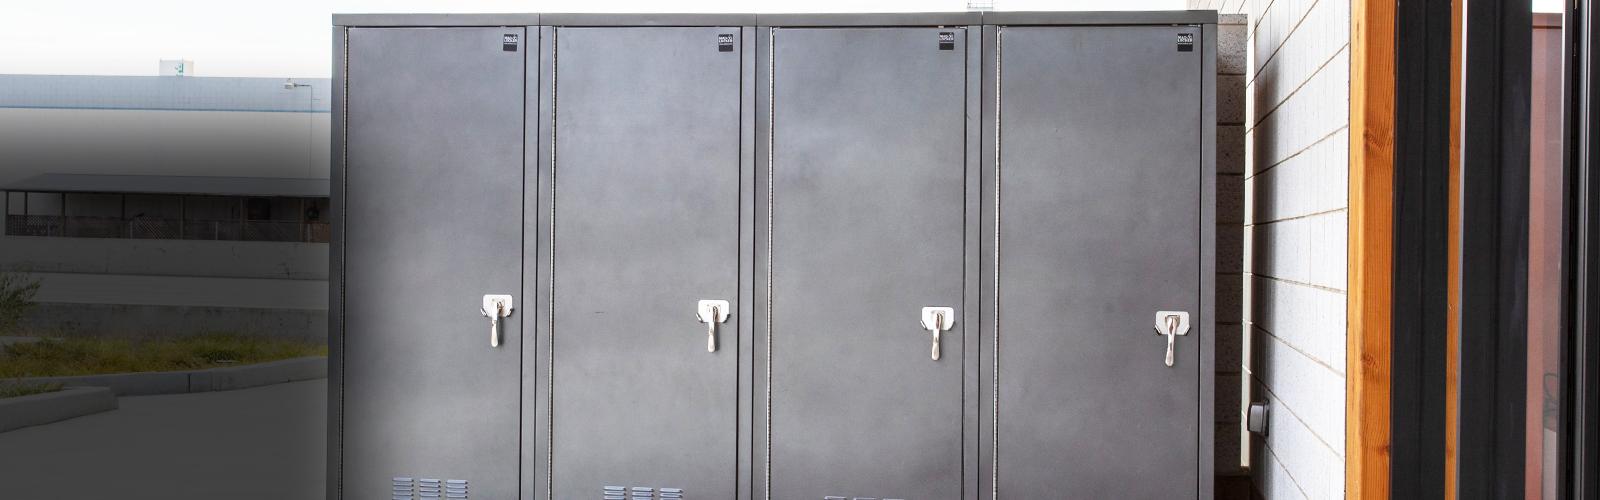 Madrax-Bike-Lockers